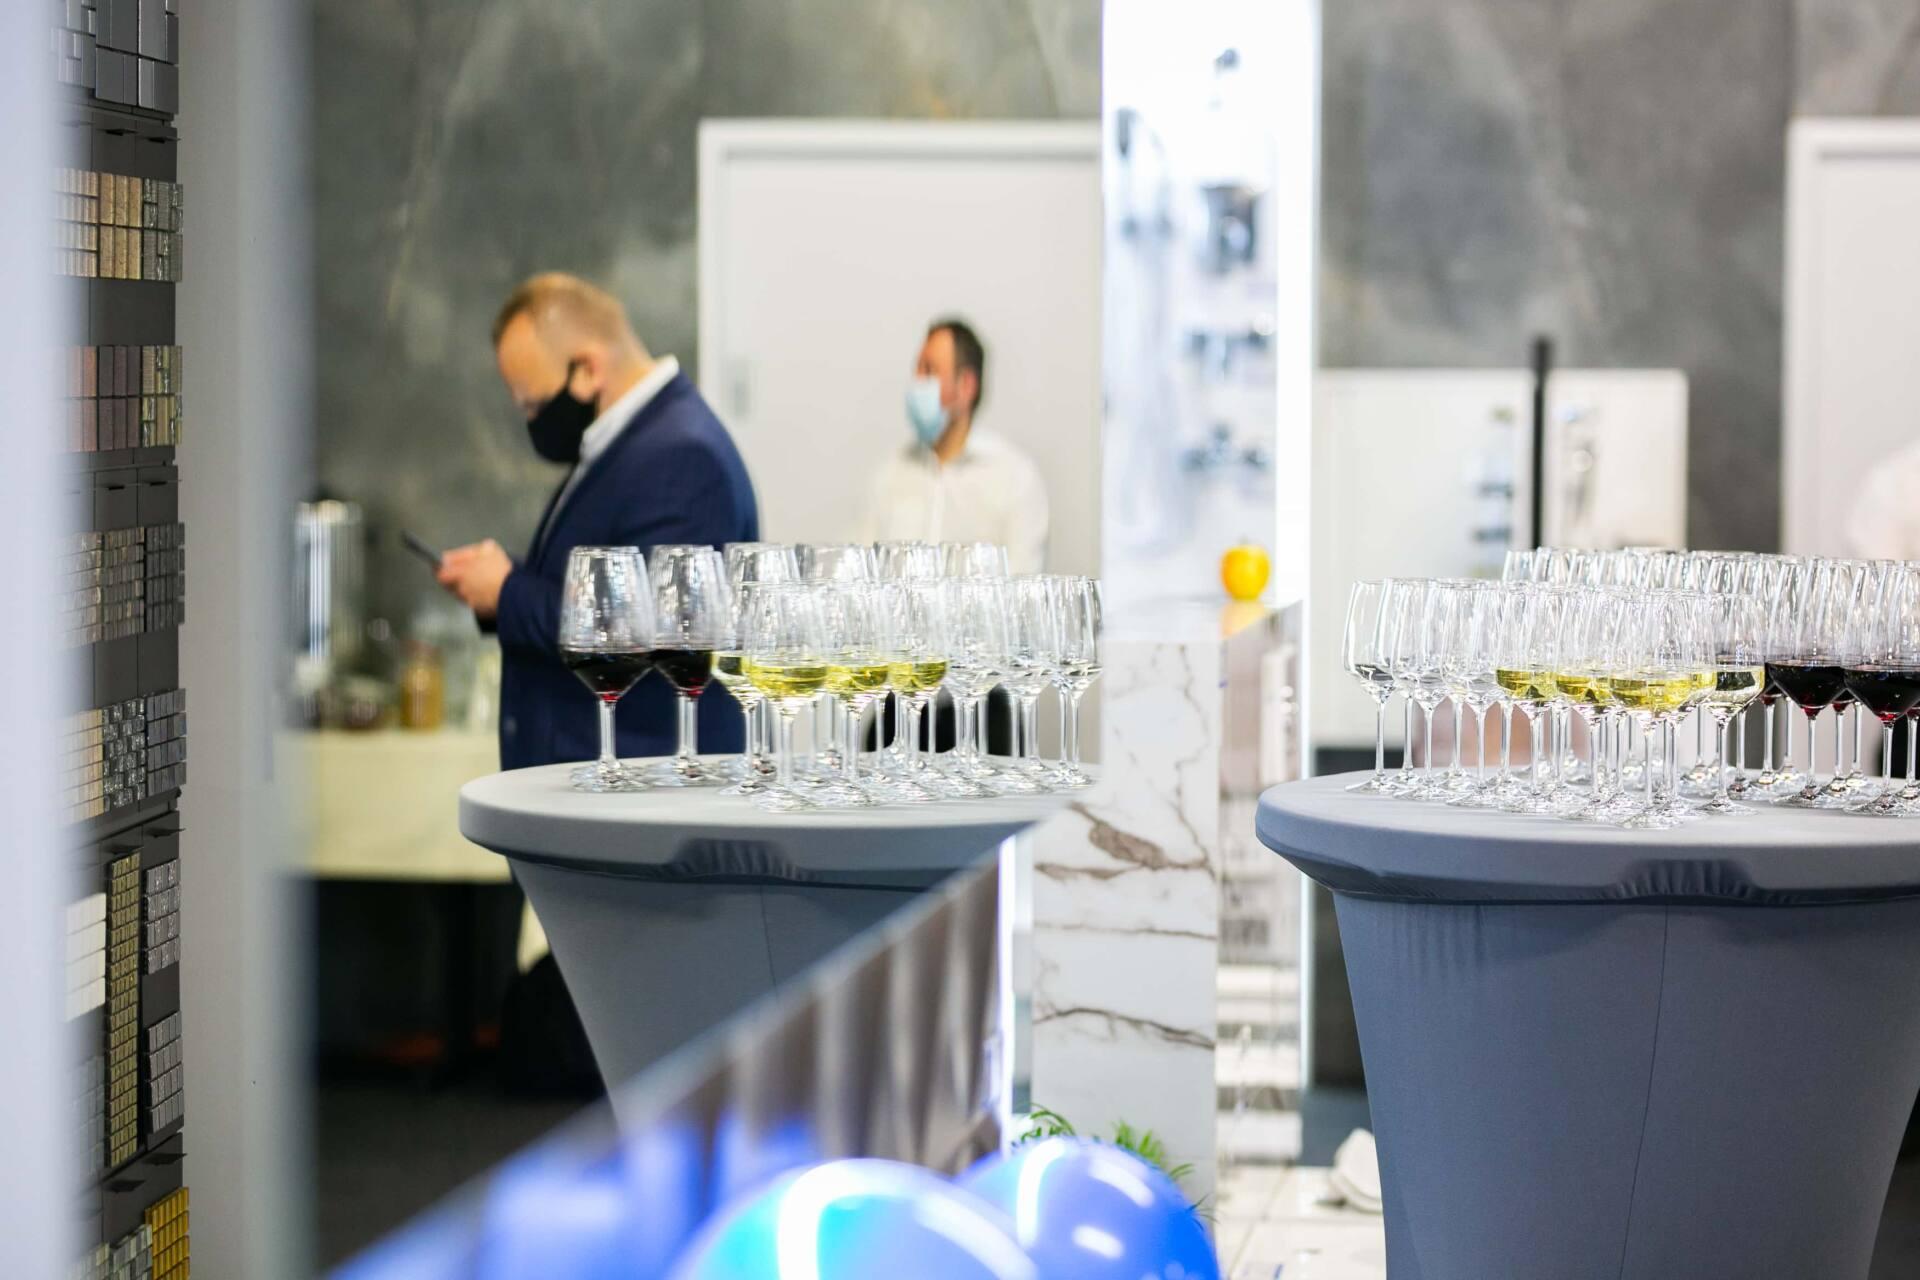 5db 5544 Nowy salon łazienek BLU w Zamościu już otwarty! Publikujemy 80 zdjęć